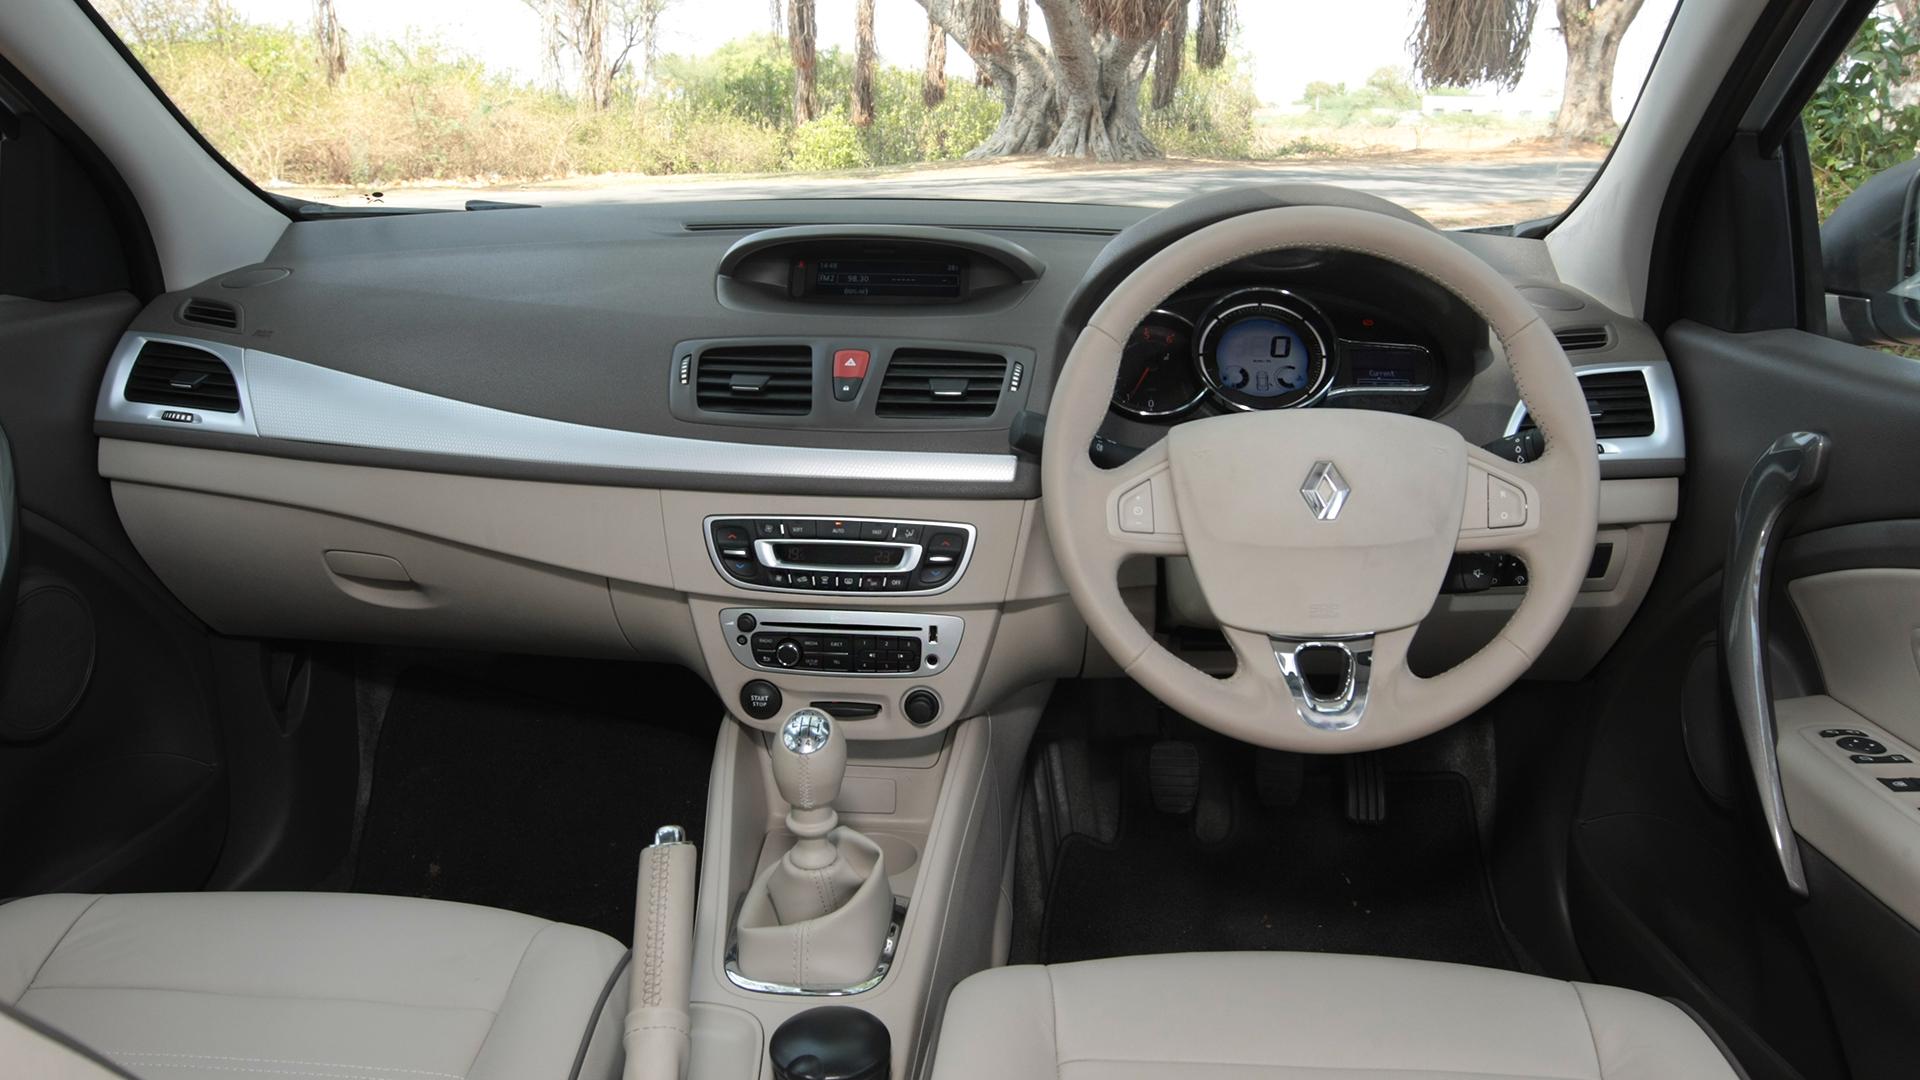 Renault Fluence e4 2014 Diesel Exterior